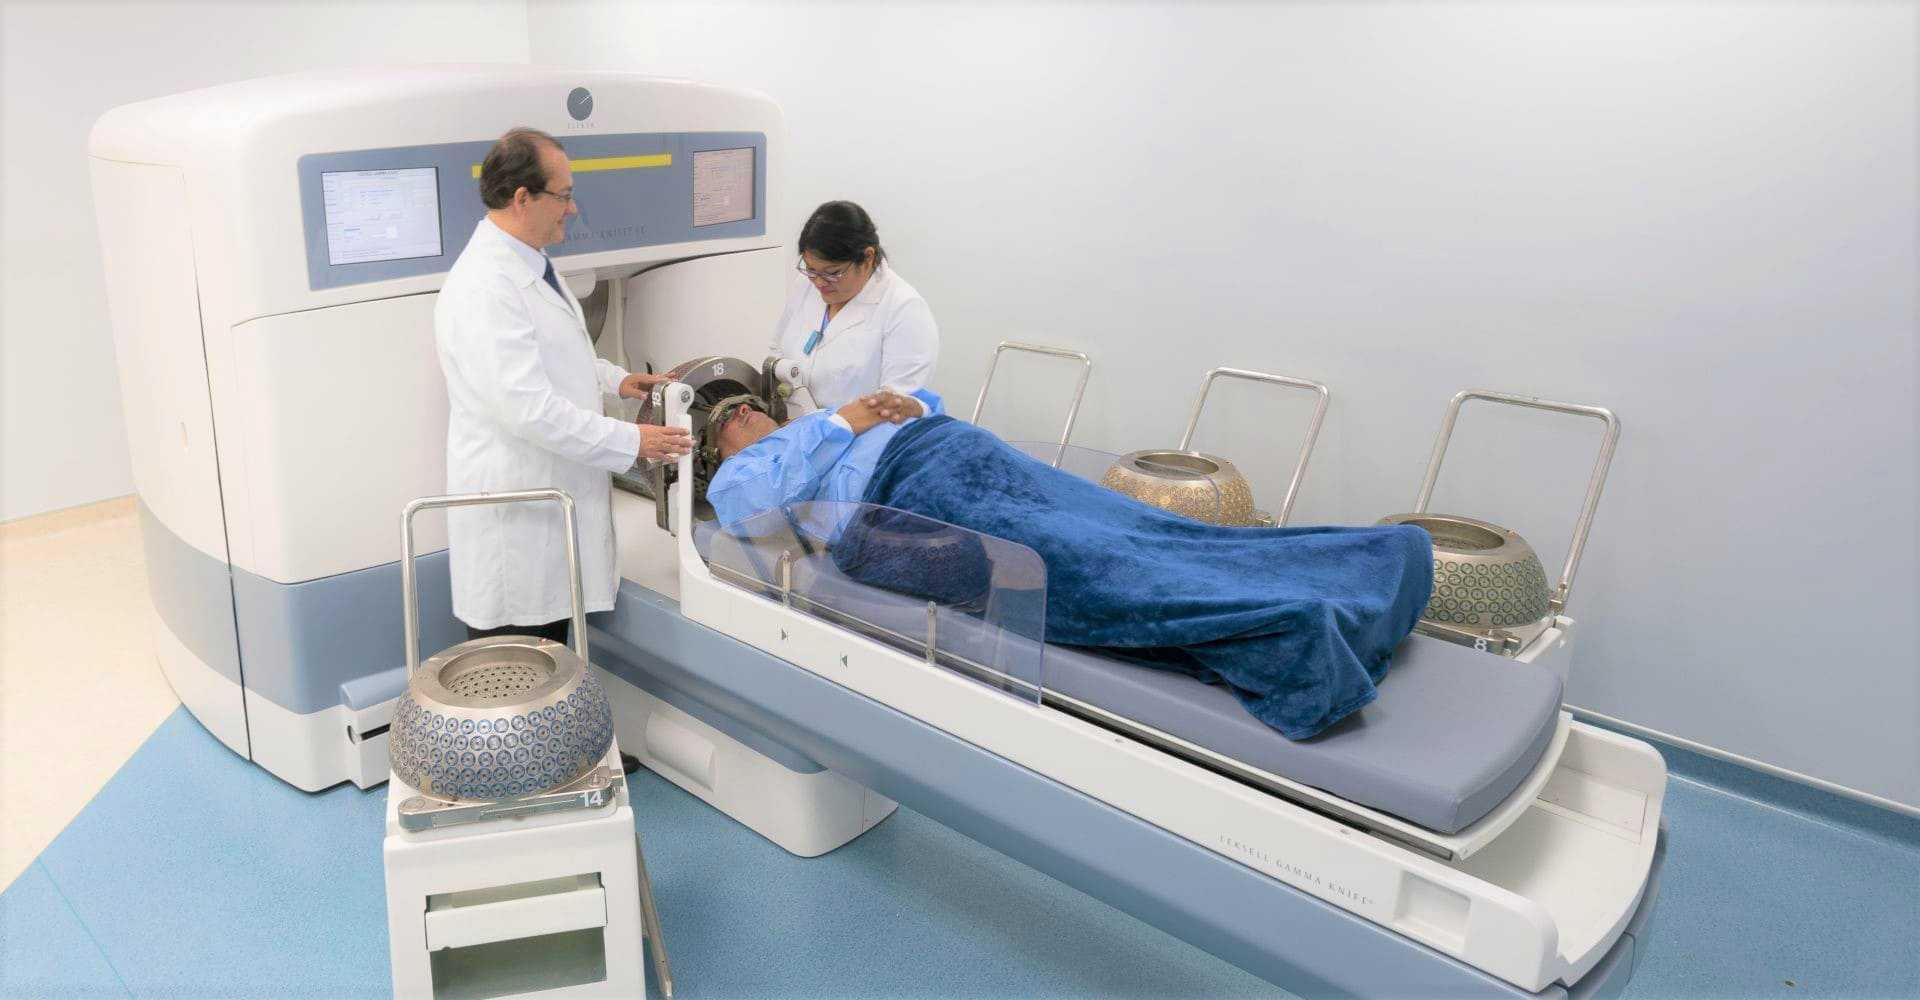 doctores de gamma knife tratando a una paciente de radiocirugia